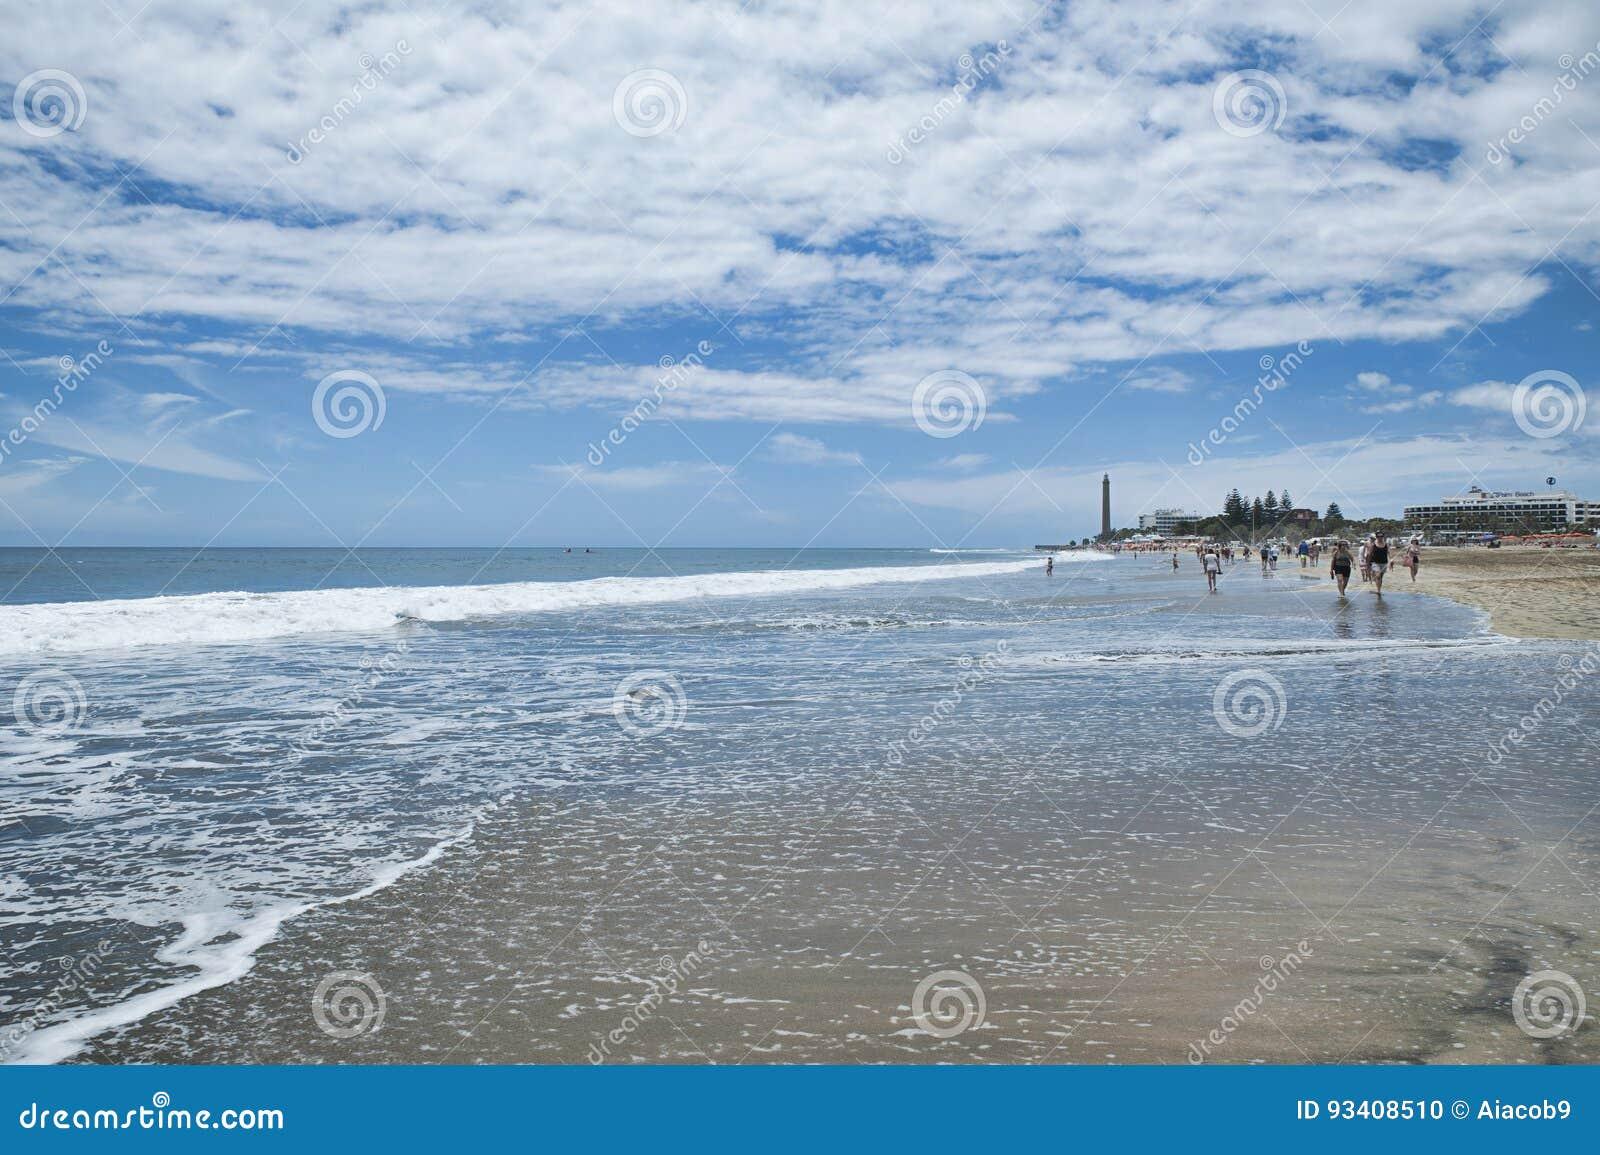 beach spain nude Family